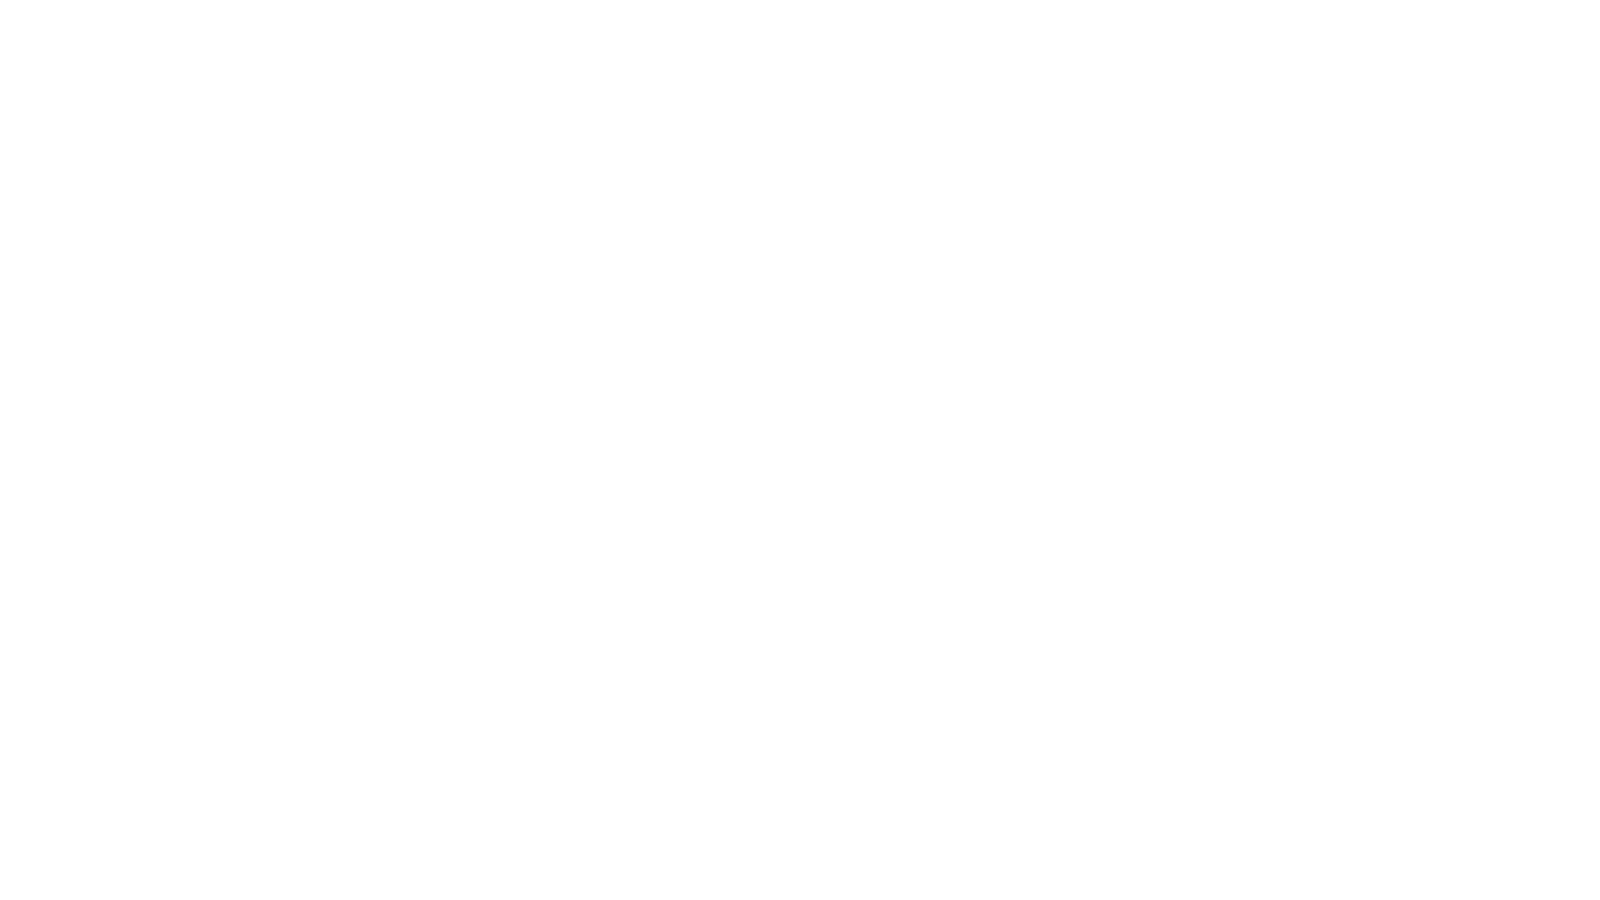 Apoie a gente e tenha várias vantagens exclusivas https://apoia.se/bebersemver ------------------------------- Cervejas do episódio: New Belgium Citradelic (R$9,90),Czechvar (R$17,90) e Estrella Galicia La Casa de Papel (R$6,0)  Se inscreva no nosso canal e clique no sininho! Vídeo novo toda terça e quinta!  Canal Cerveja Fácil:  https://www.youtube.com/cervejafacil Instagram: https://www.instagram.com/brejada/  Quer participar também no ''Me Julga que Eu Gosto''? Envie sua cerveja para gente!  Av. Paulista, 671 - Cj 914  Bela Vista – São Paulo - SP CEP 01311-100  A/C: Kadu Mendes  ATENÇÃO: Colocar seu nome, cidade e estado na garrafa.  #cerveja #avaliação #testecego Se inscreva no nosso canal http://youtube.com/tvbrejada  Nos Siga nas redes sociais   https://www.facebook.com/brejada  https://www.instagram.com/brejada/